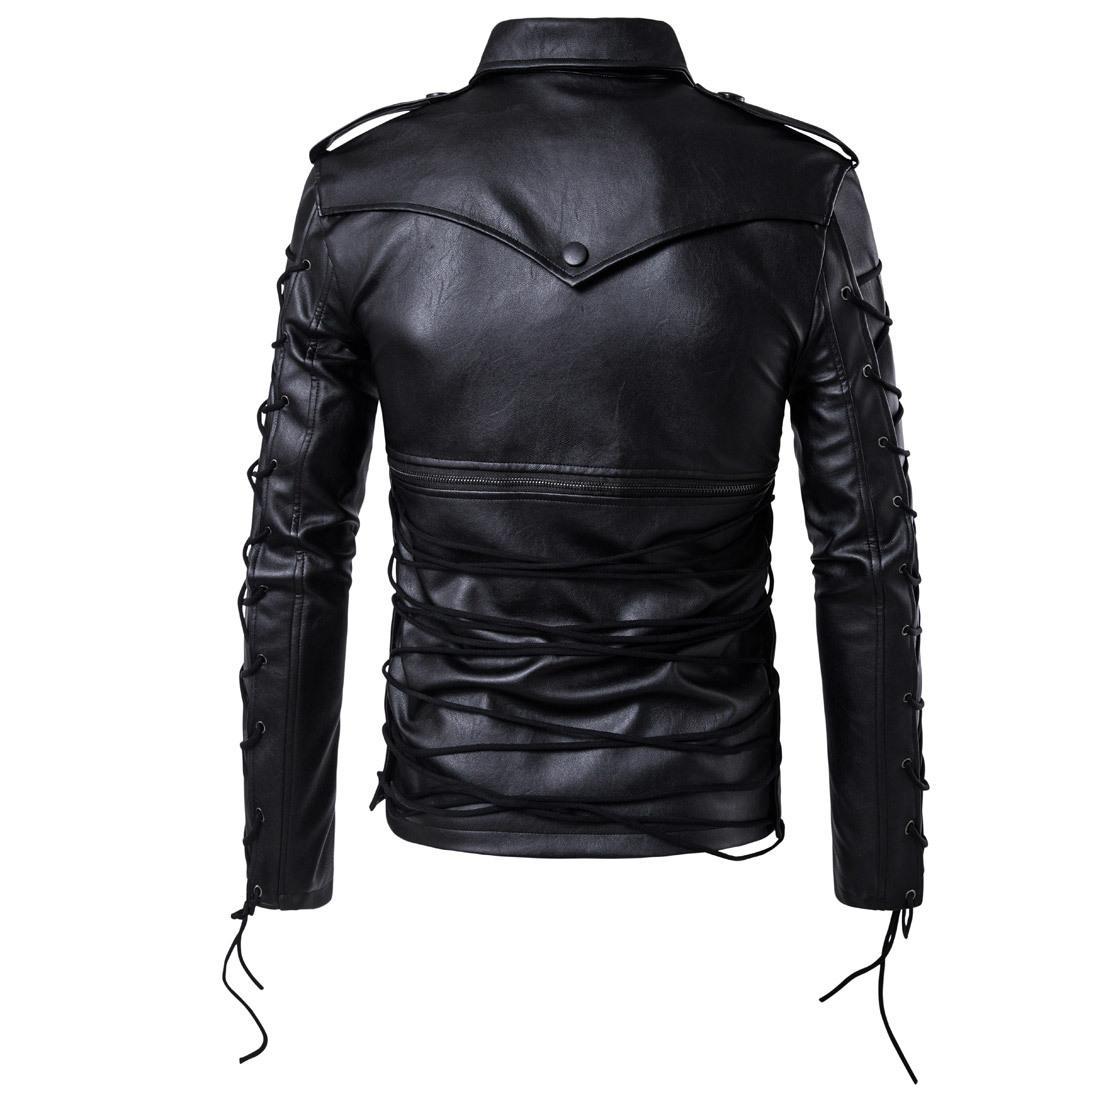 Ouma 2018 di nuovo stile degli uomini di modo Locomotiva pelle cappotto decadente del rivestimento di cuoio del cappotto grande formato di cuoio del cappotto M-5XL B002